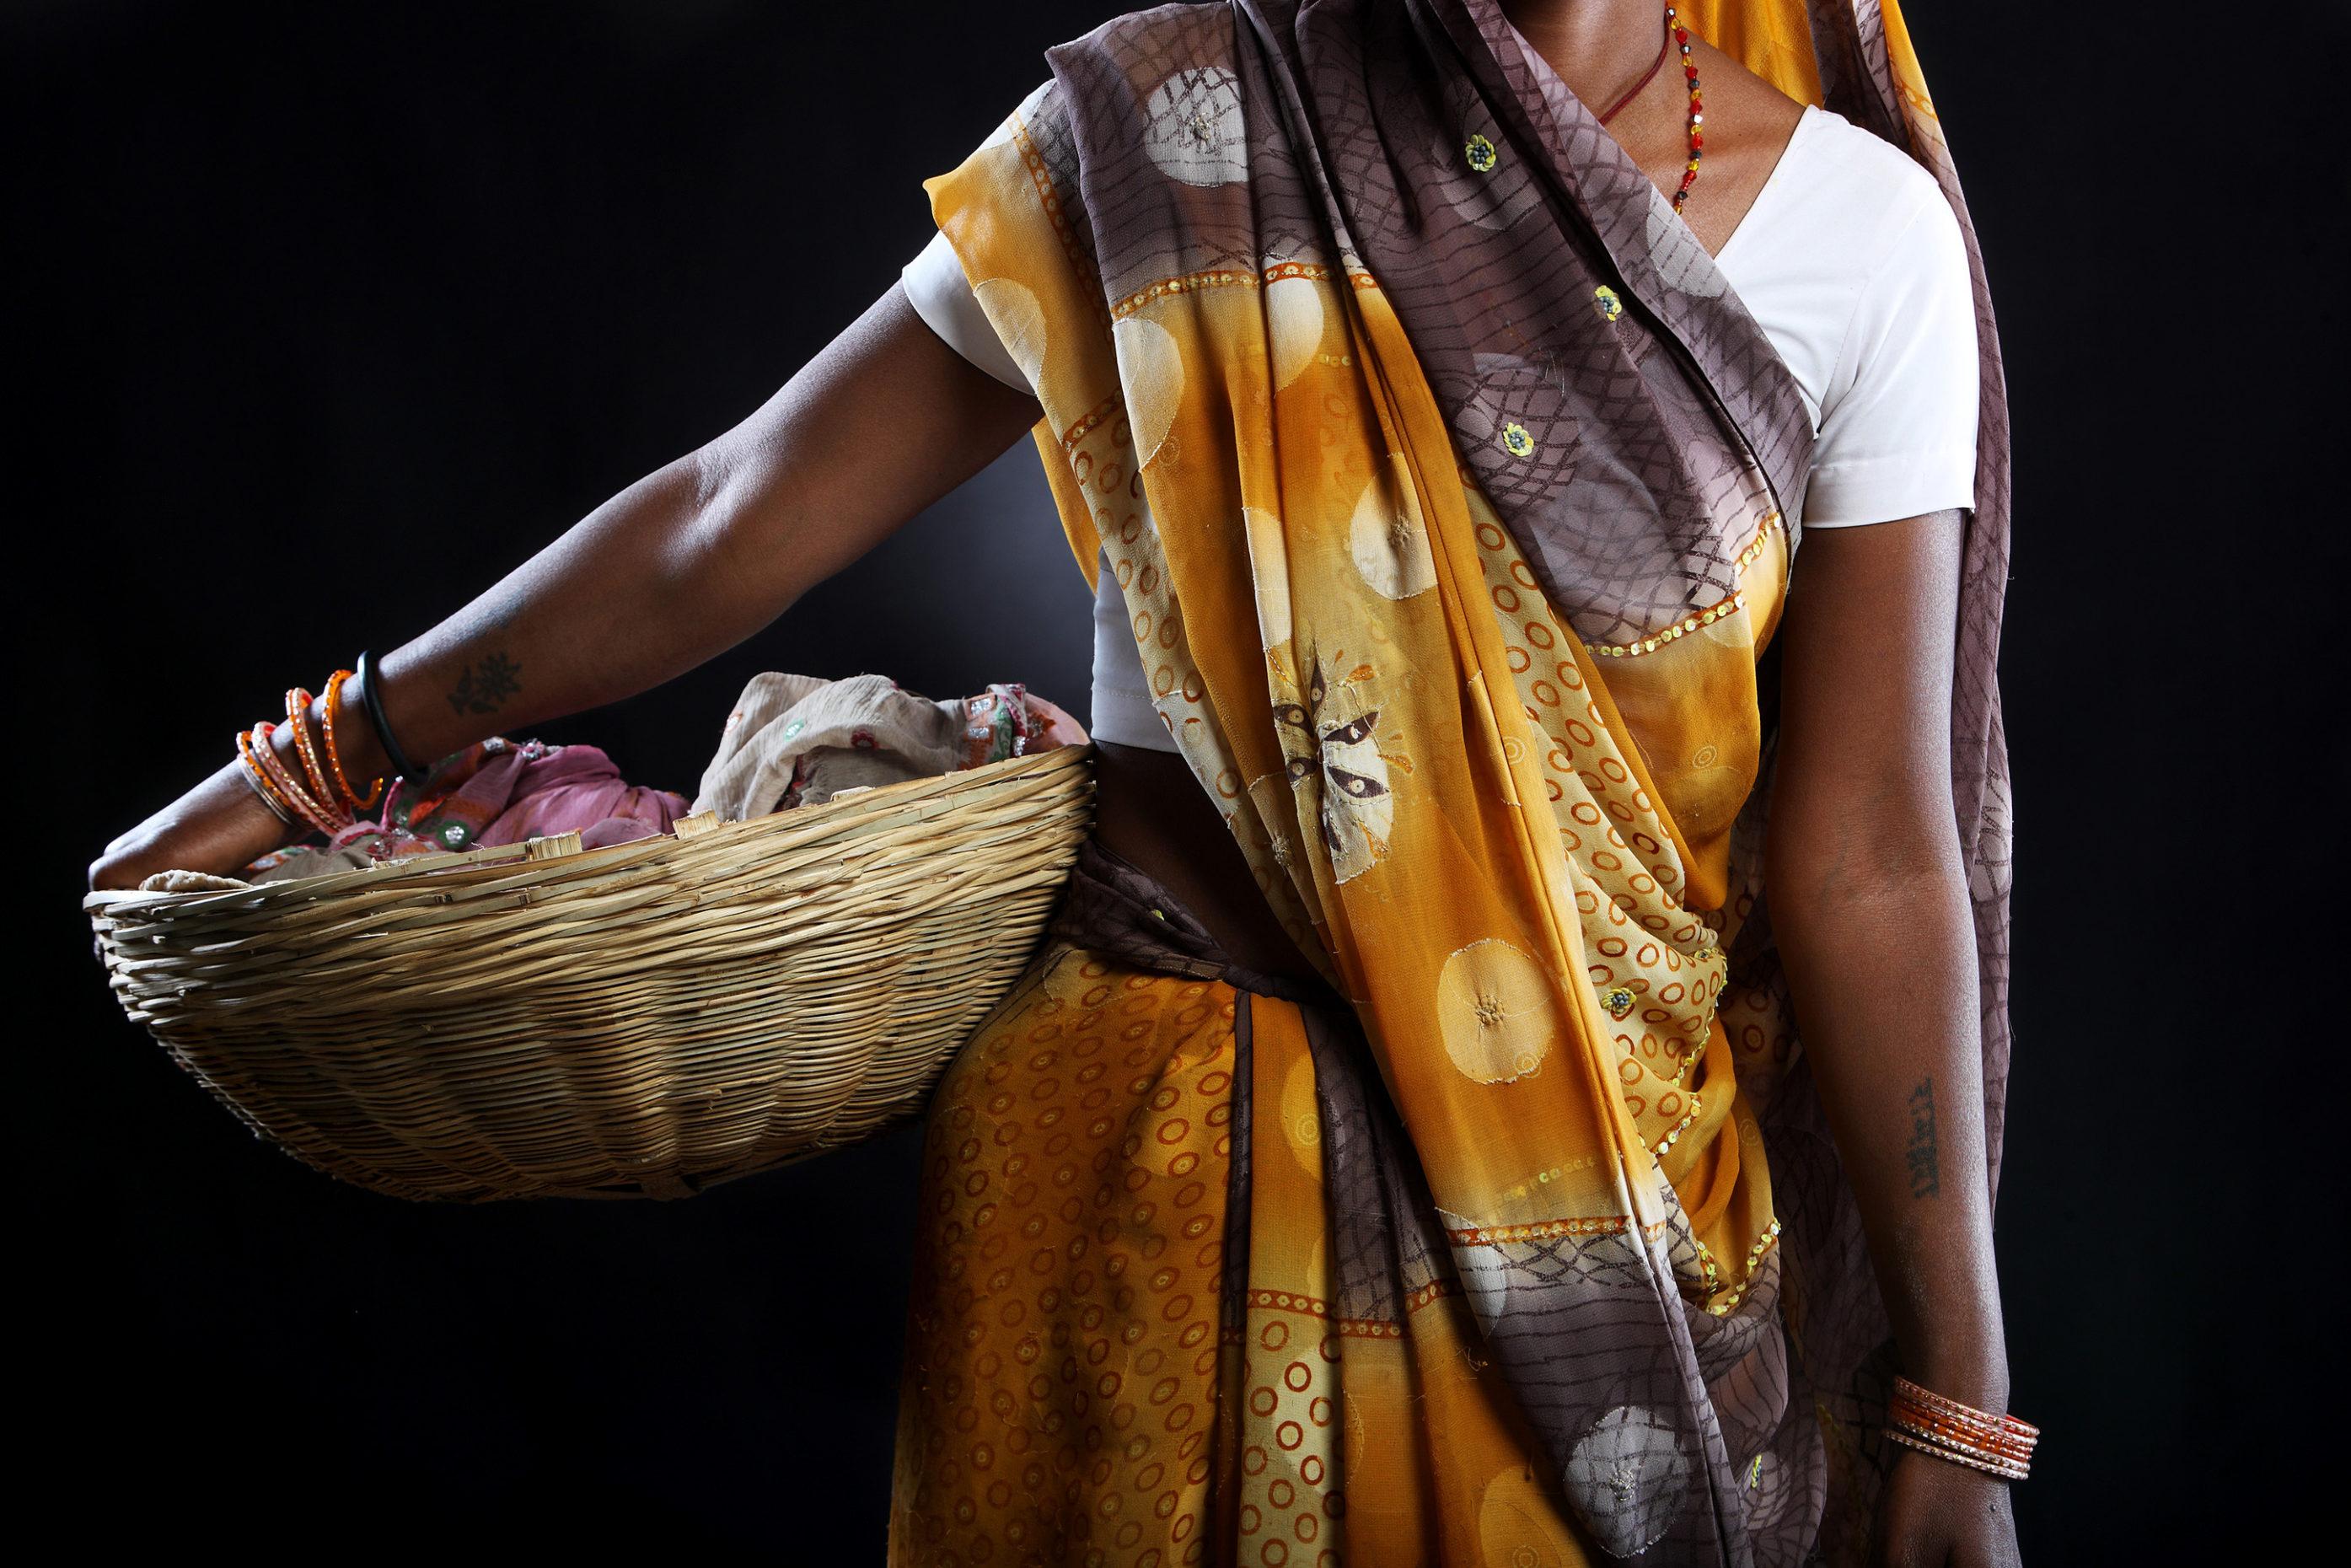 Colorfull Sari at the Kumbh Mela